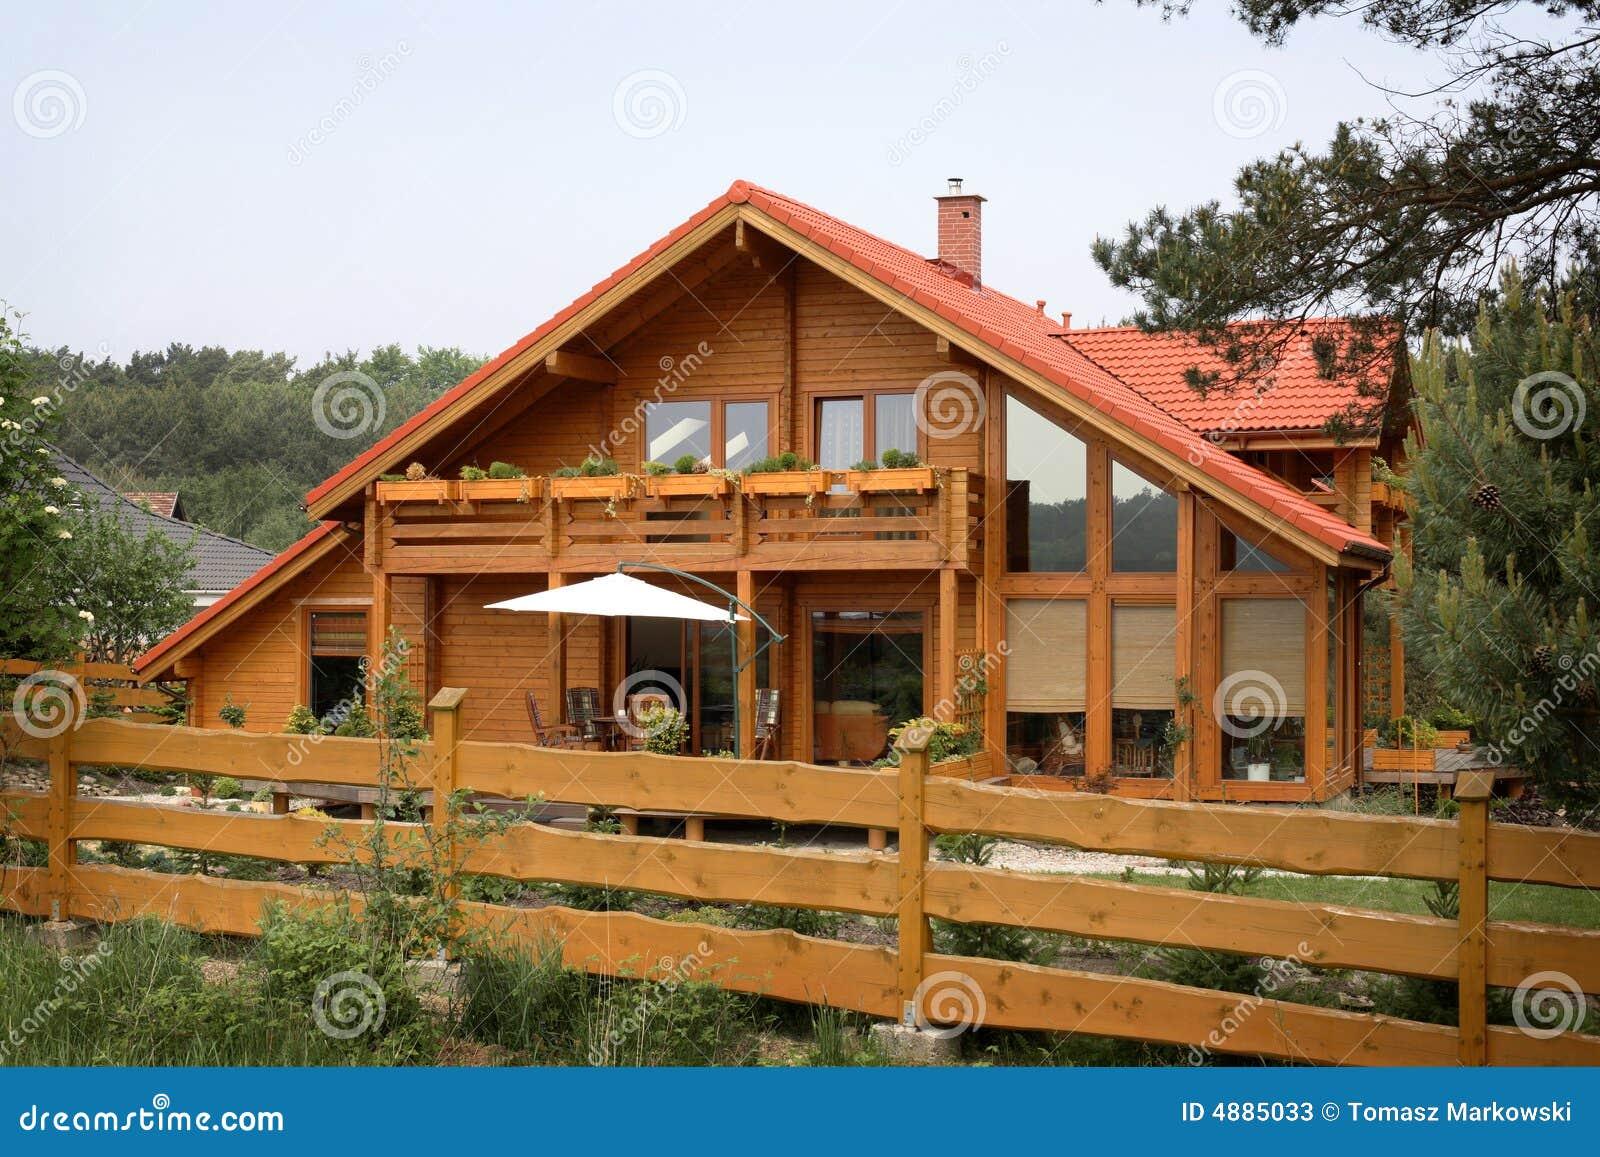 Casa de campo r stica fotos de stock imagem 4885033 - Casas de campo rusticas fotos ...